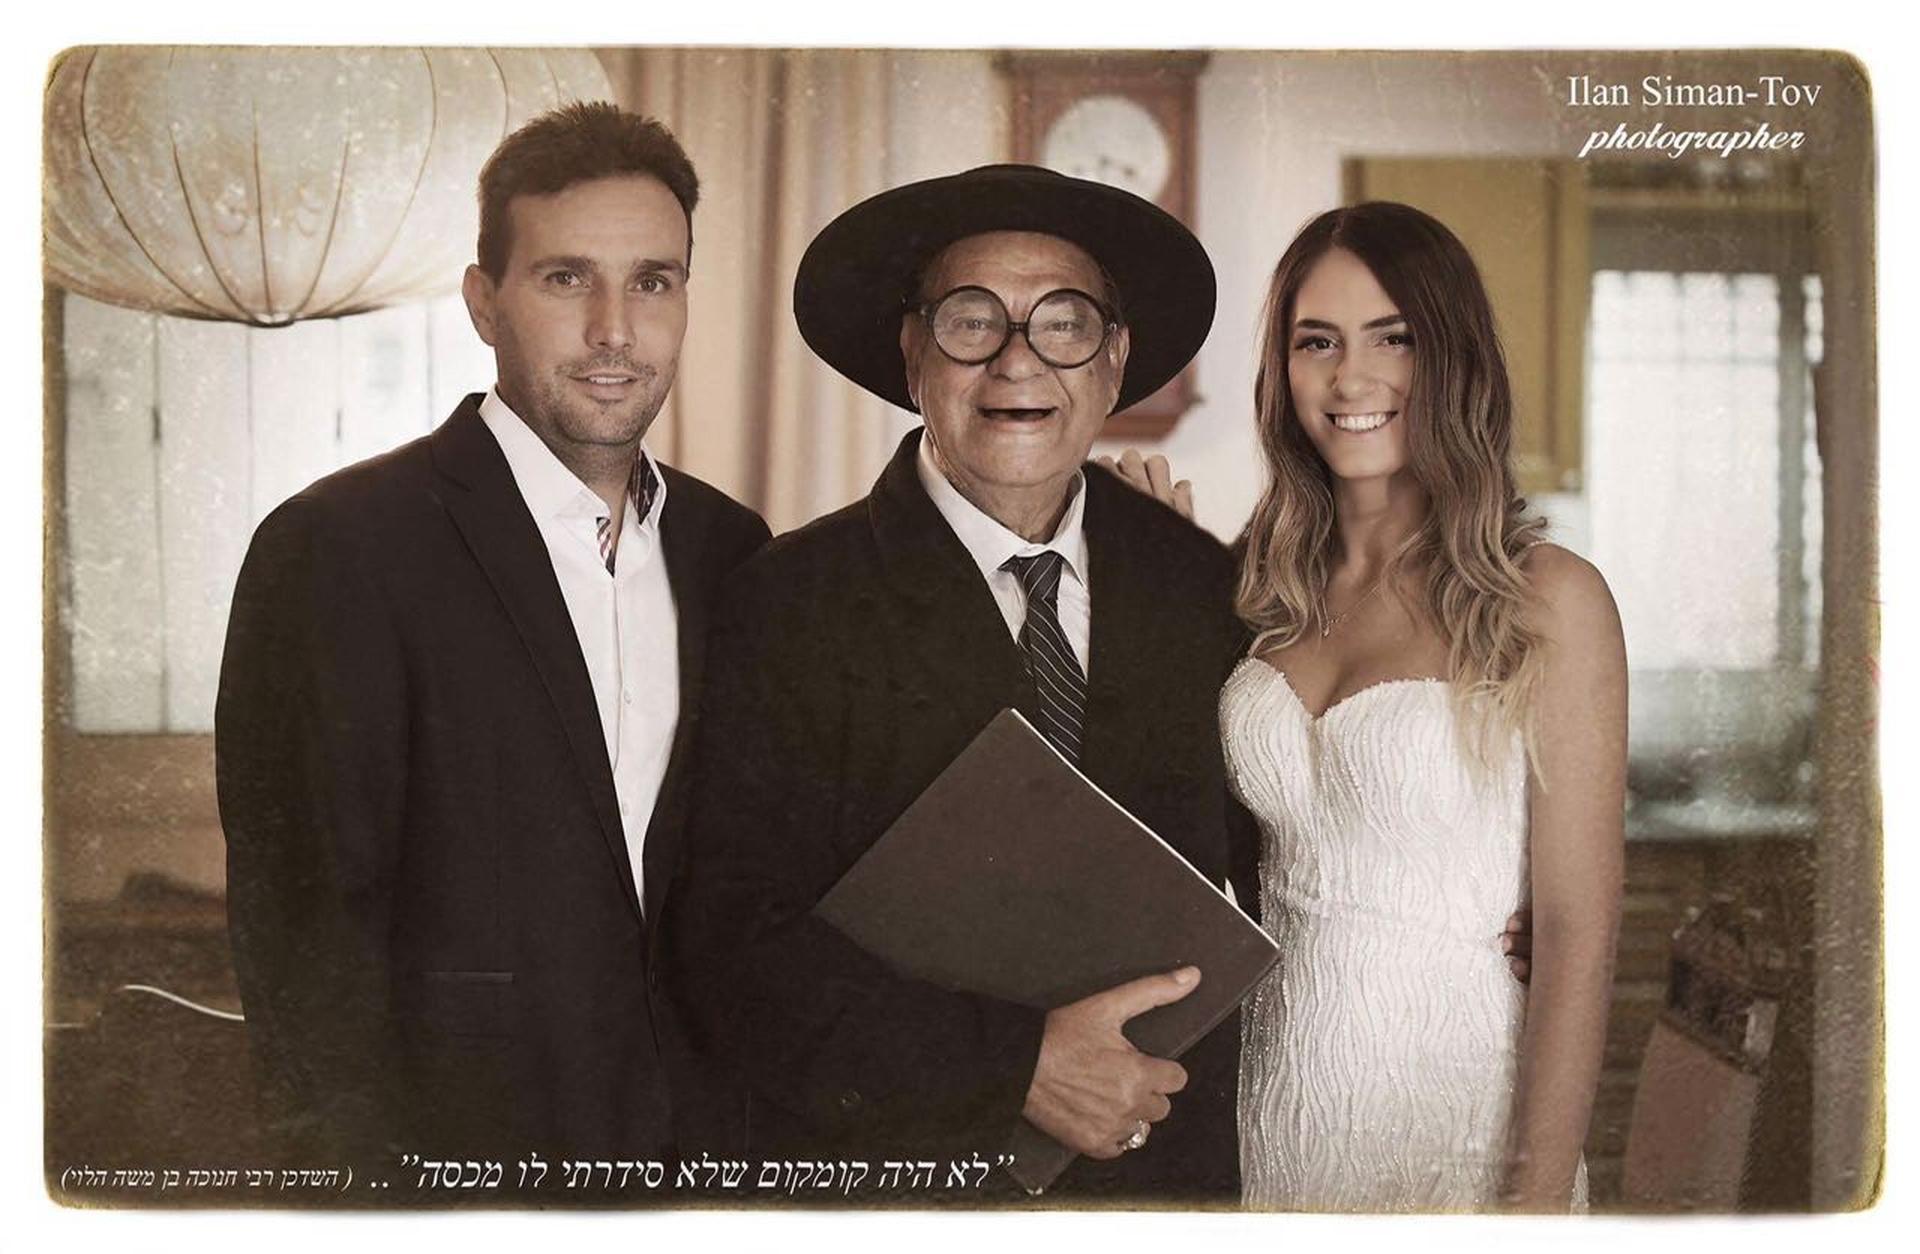 ההזמנה לחתונת הזוג. צילום: אילן שם טוב